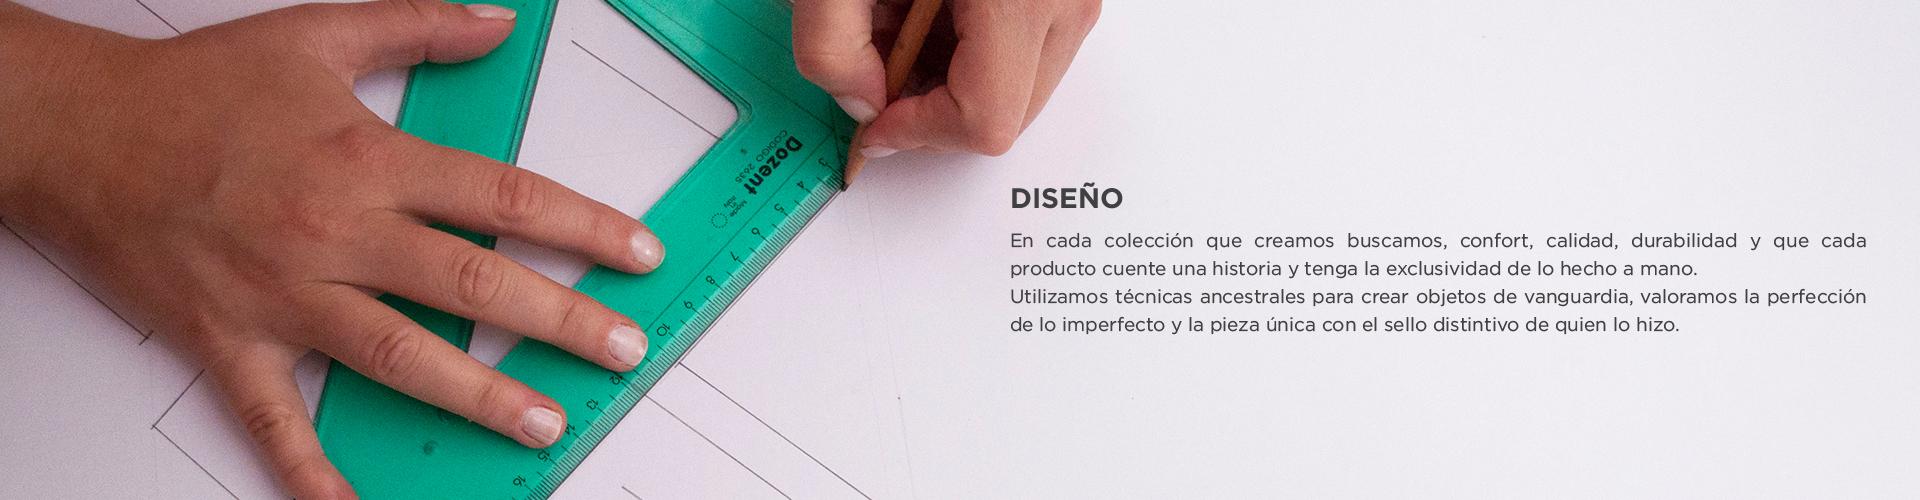 Tienda de costumbres productos de dise o artesanal argentino for Estudiar diseno de interiores en argentina